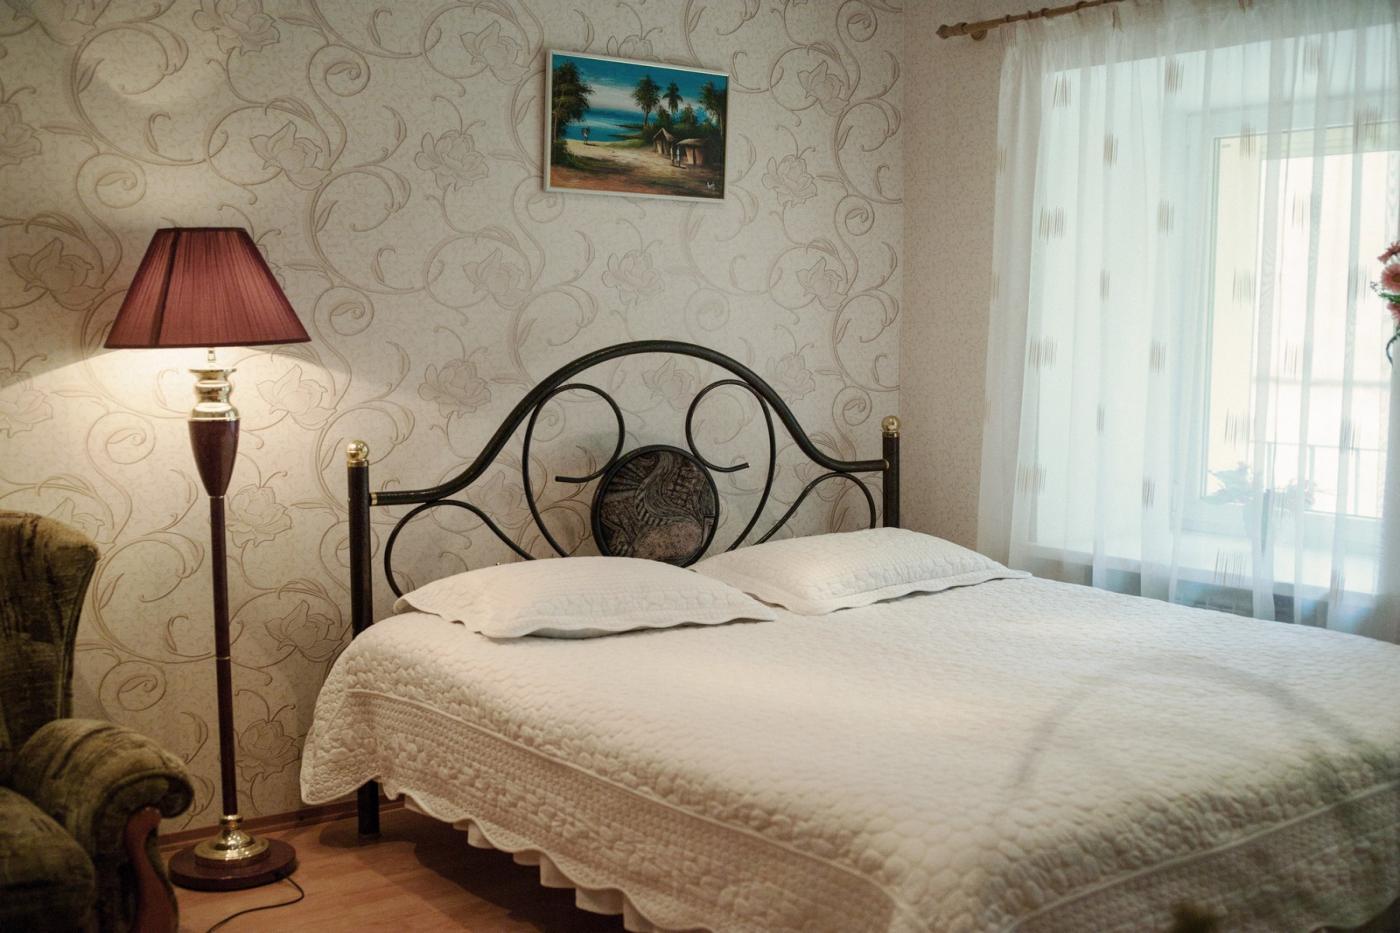 1-комнатная квартира посуточно (вариант № 1537), ул. Ленина улица, фото № 2